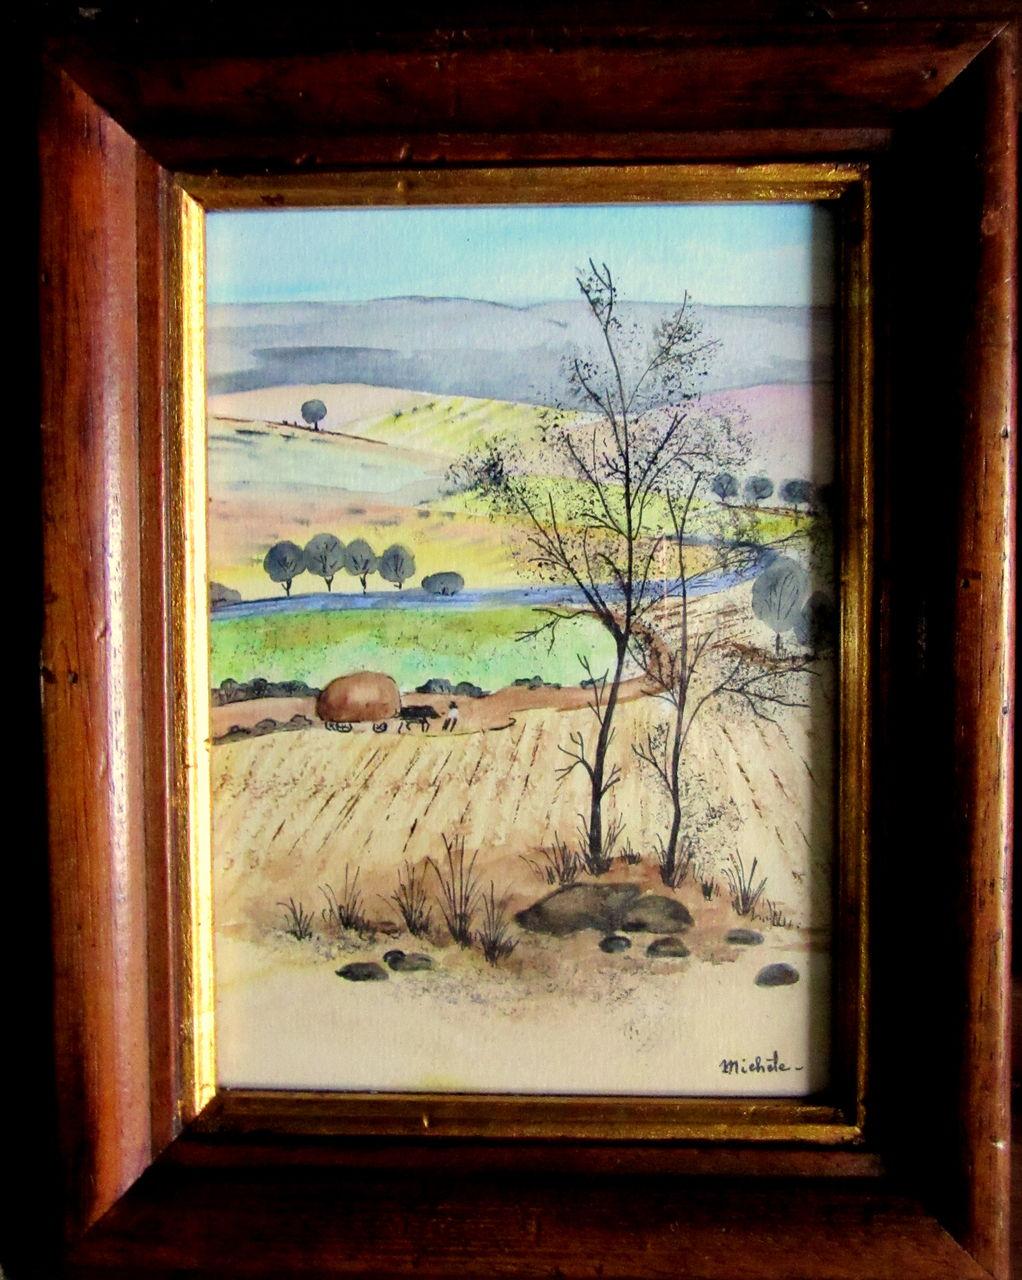 Michele martin automne 2 .a vendre avec automne 1.30 euros.